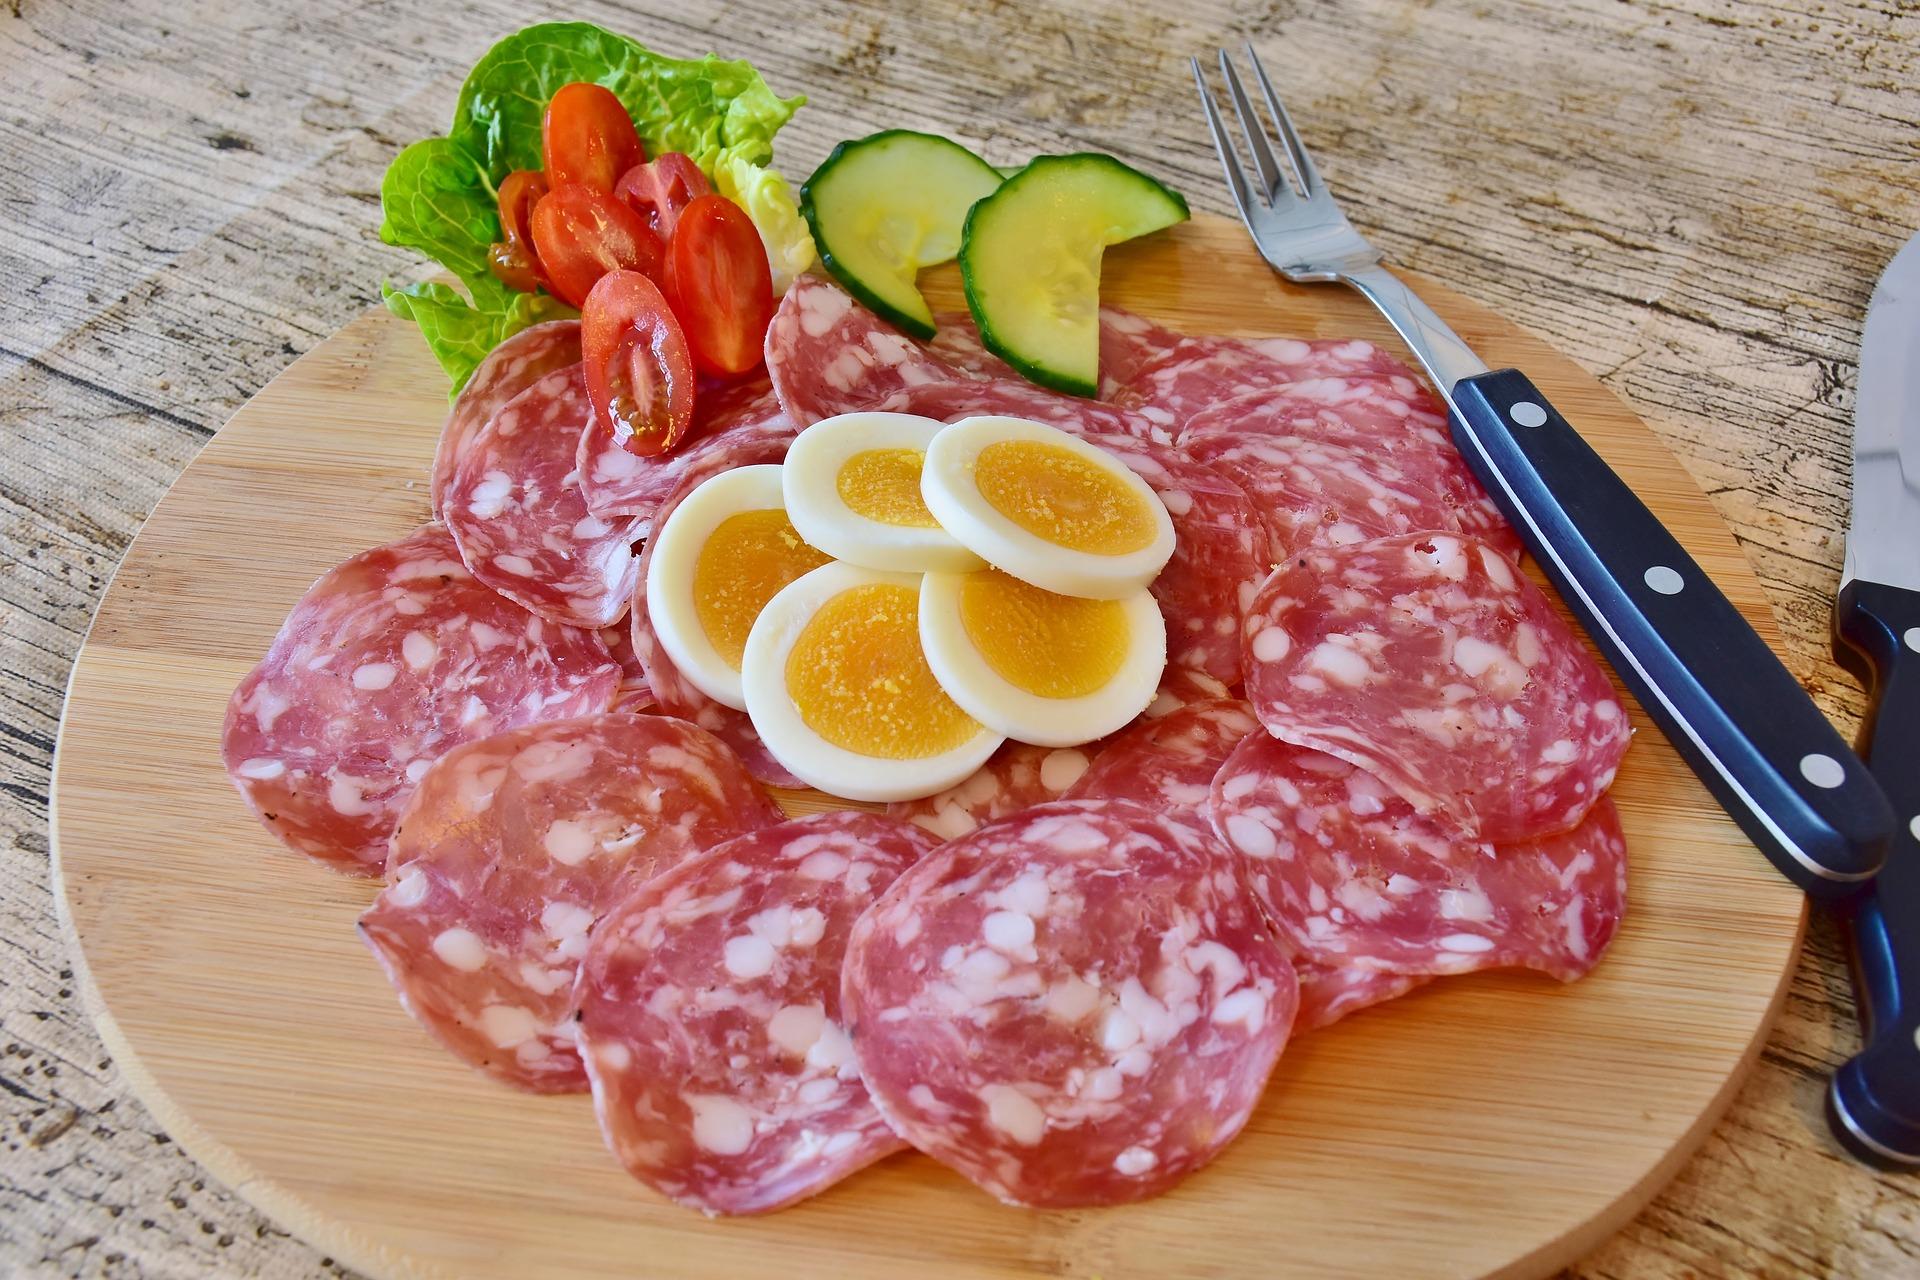 Fatias de salaminho, ovo, pepino, tomate, alface e um garfo sobre uma tábua redonda de madeira.